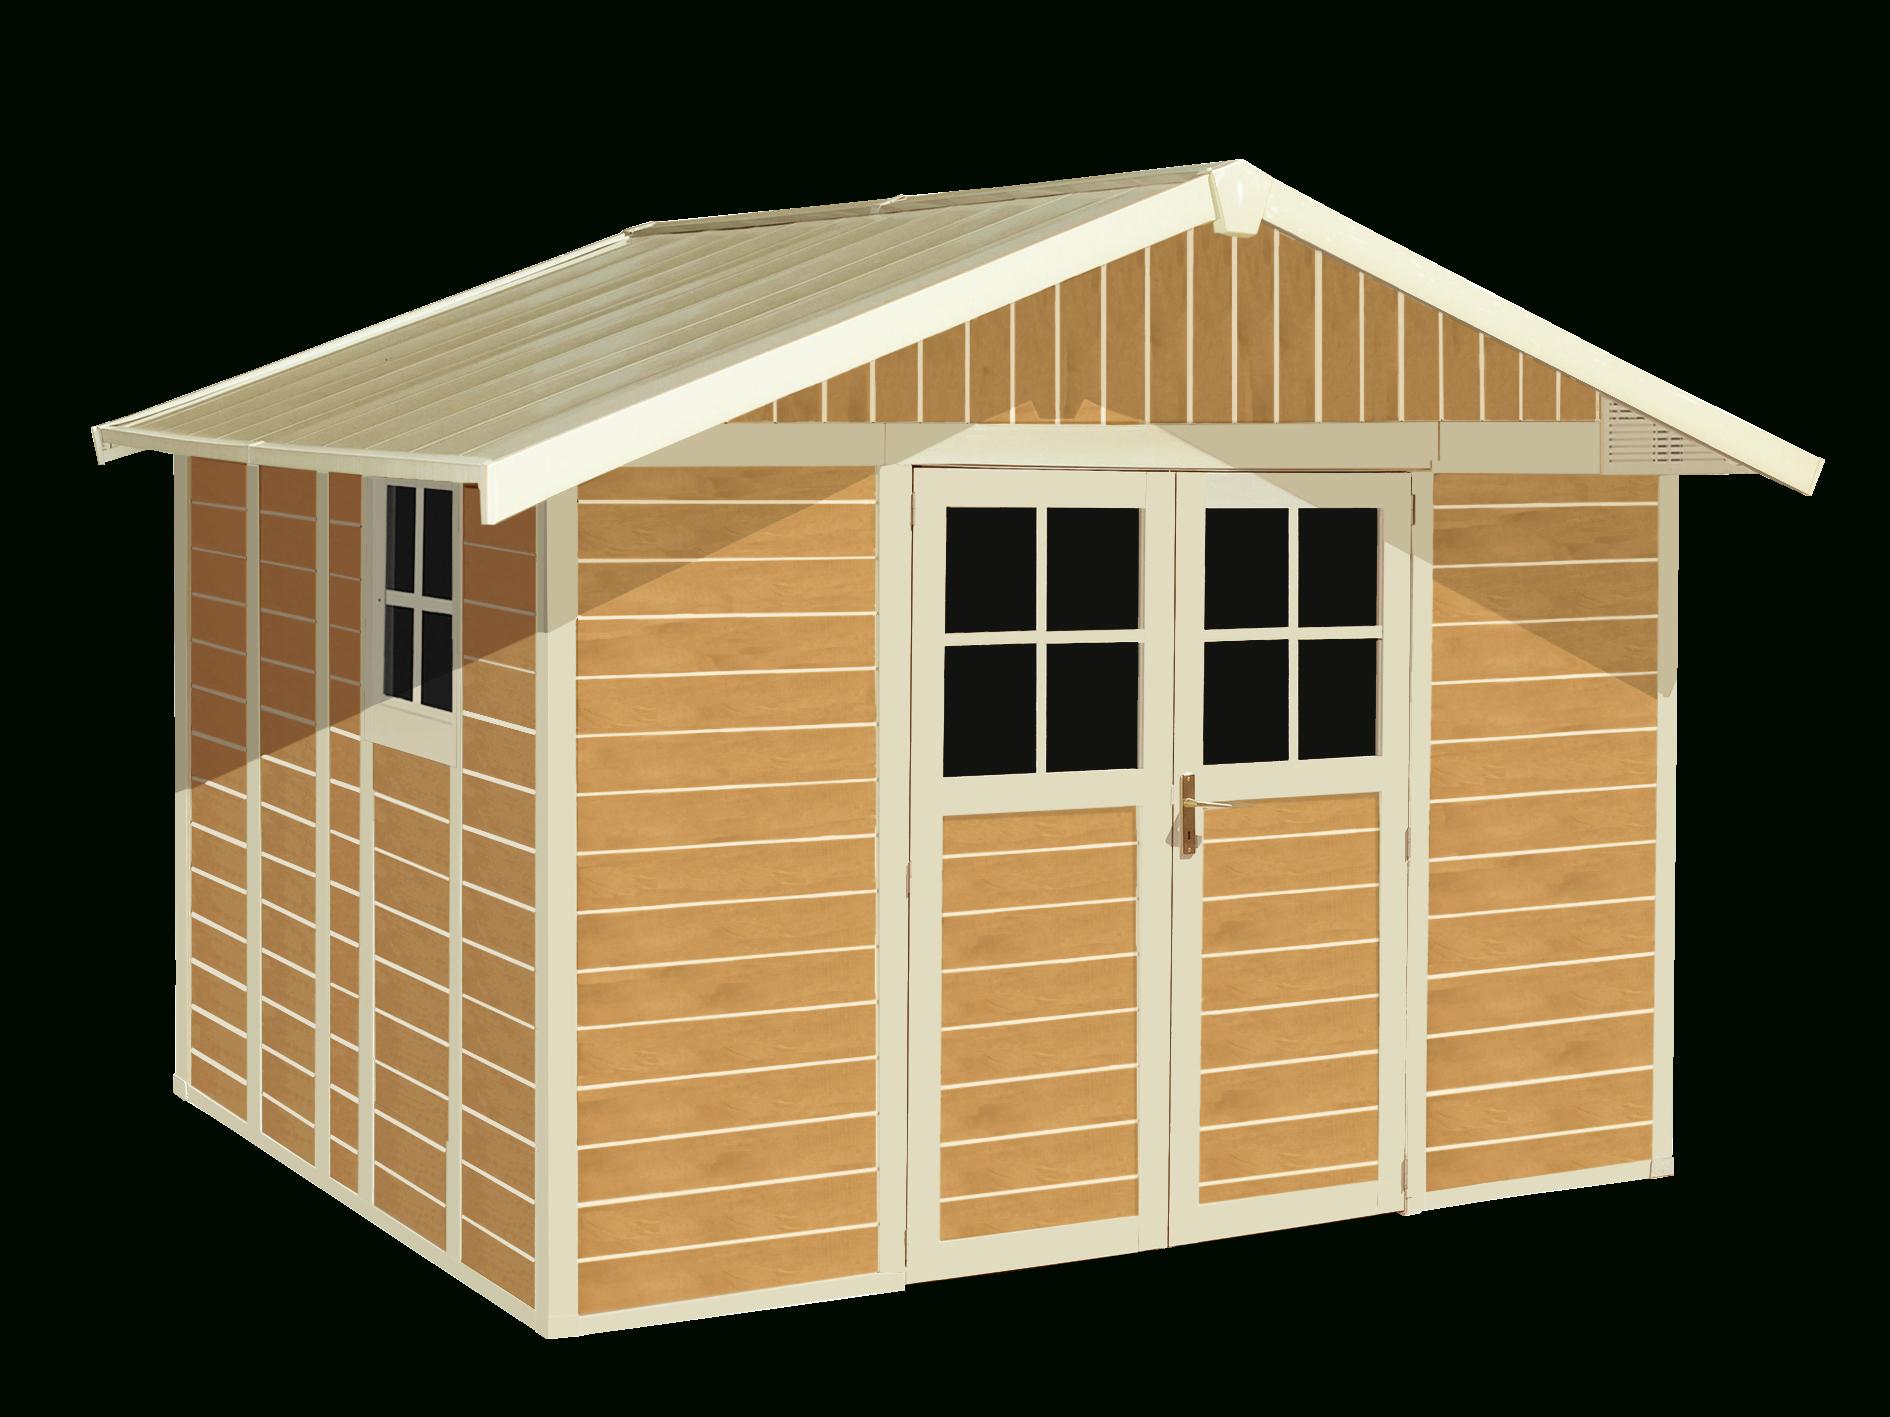 Abris De Jardin Déco Sherwood 7,5 M² | Grosfillex Un Coup De ... destiné Grosfillex Abri De Jardin Pvc